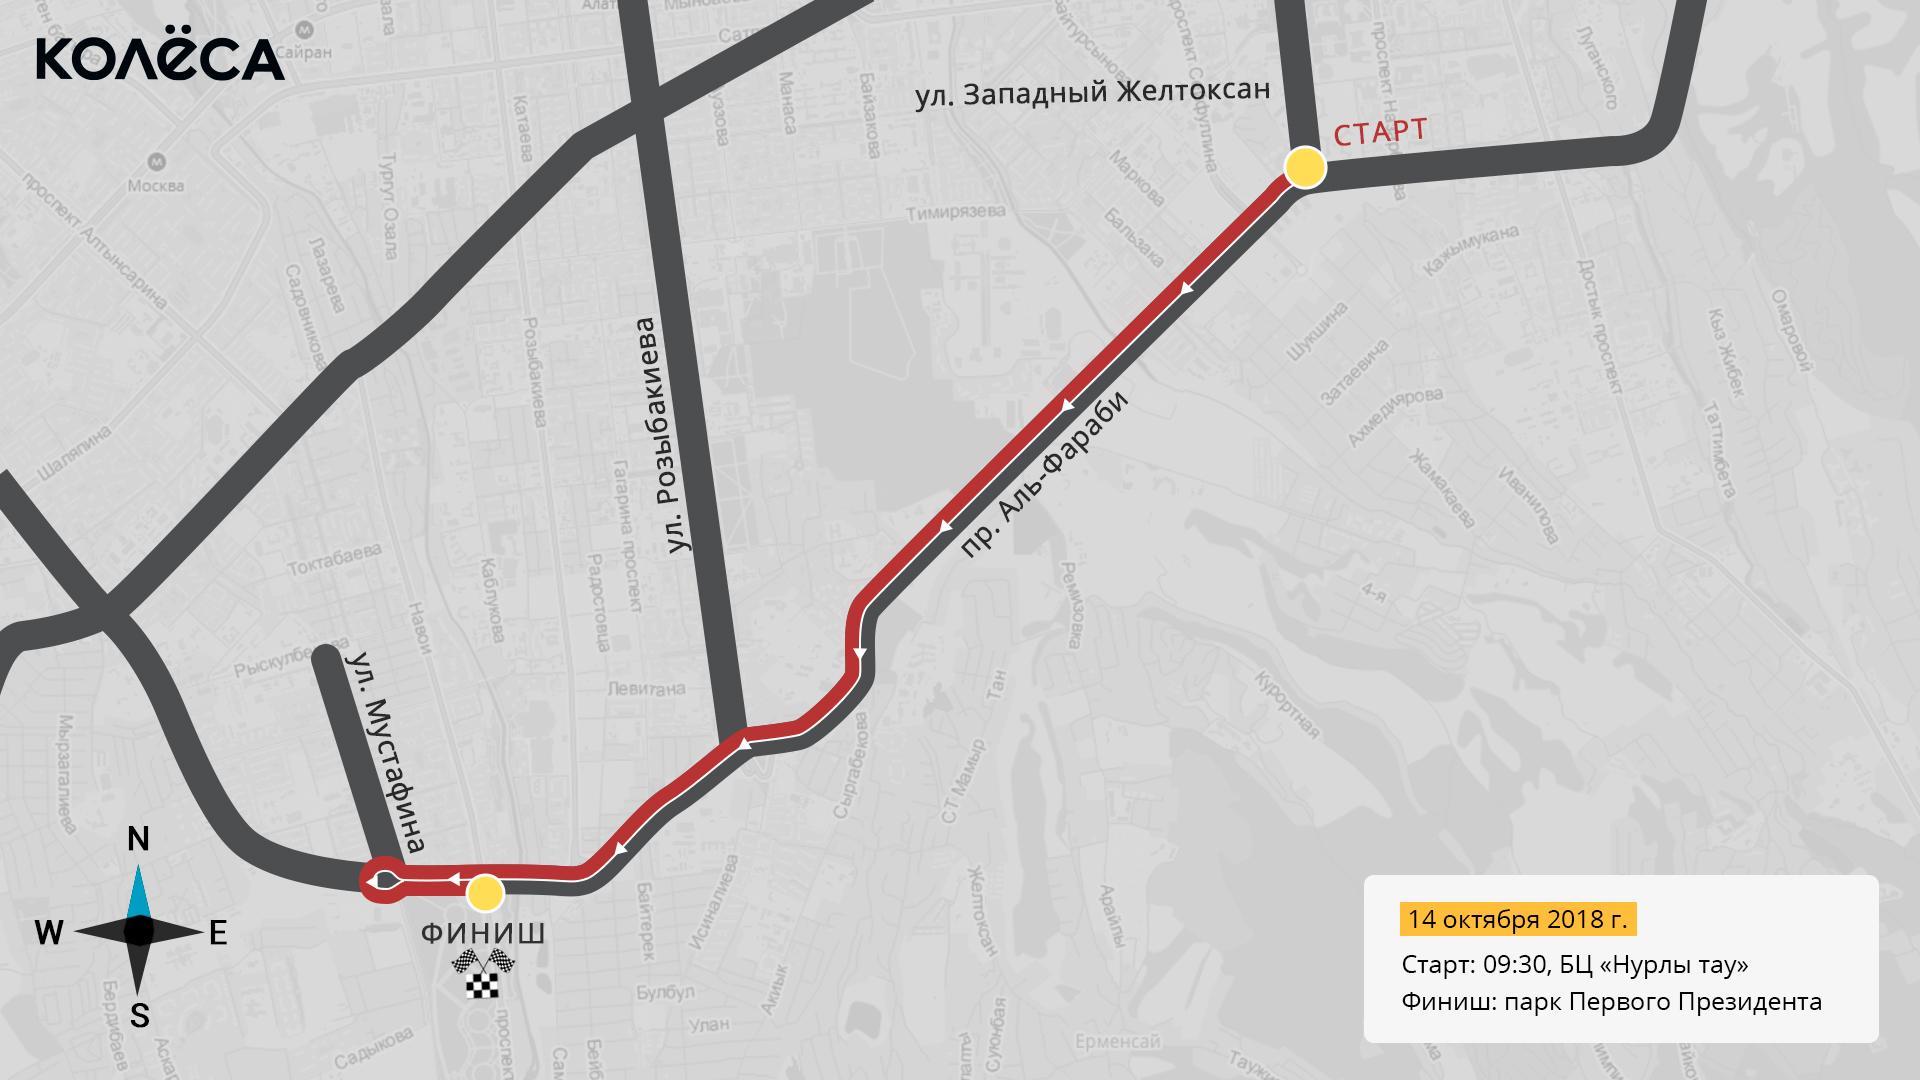 Как выехать из полумарафонского кольца 14 октября в Алматы